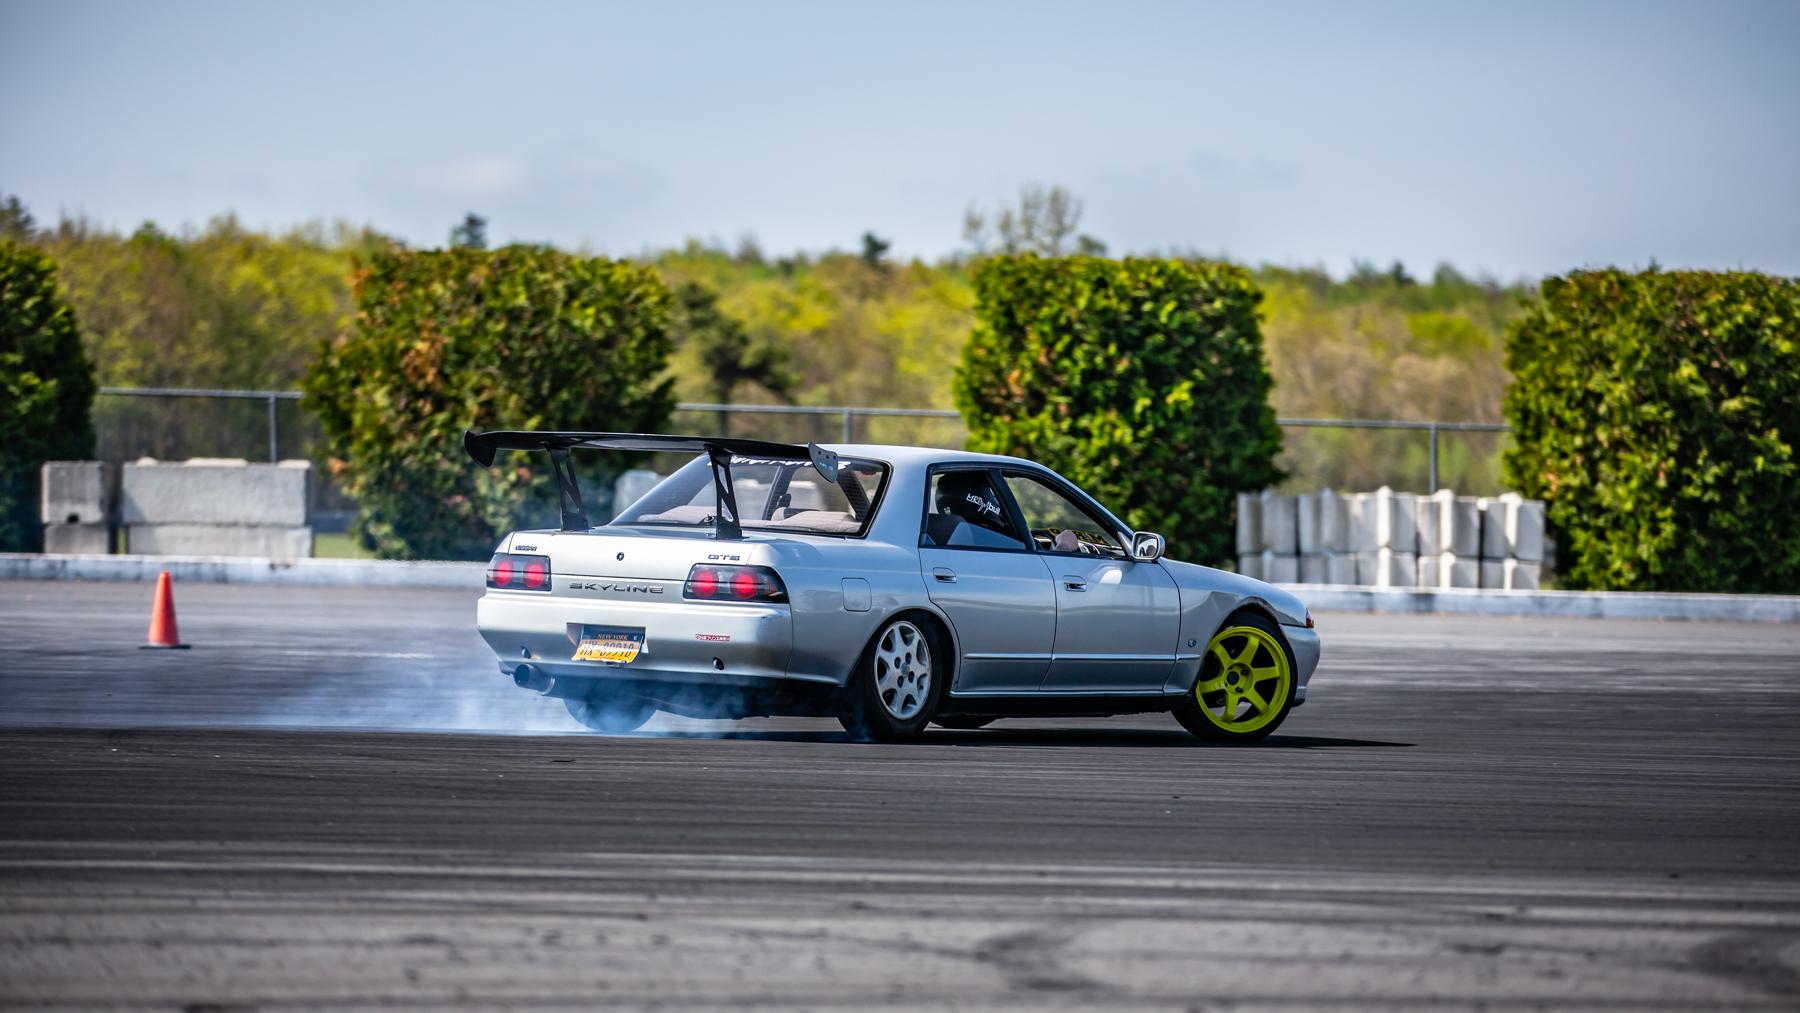 Drift-6988